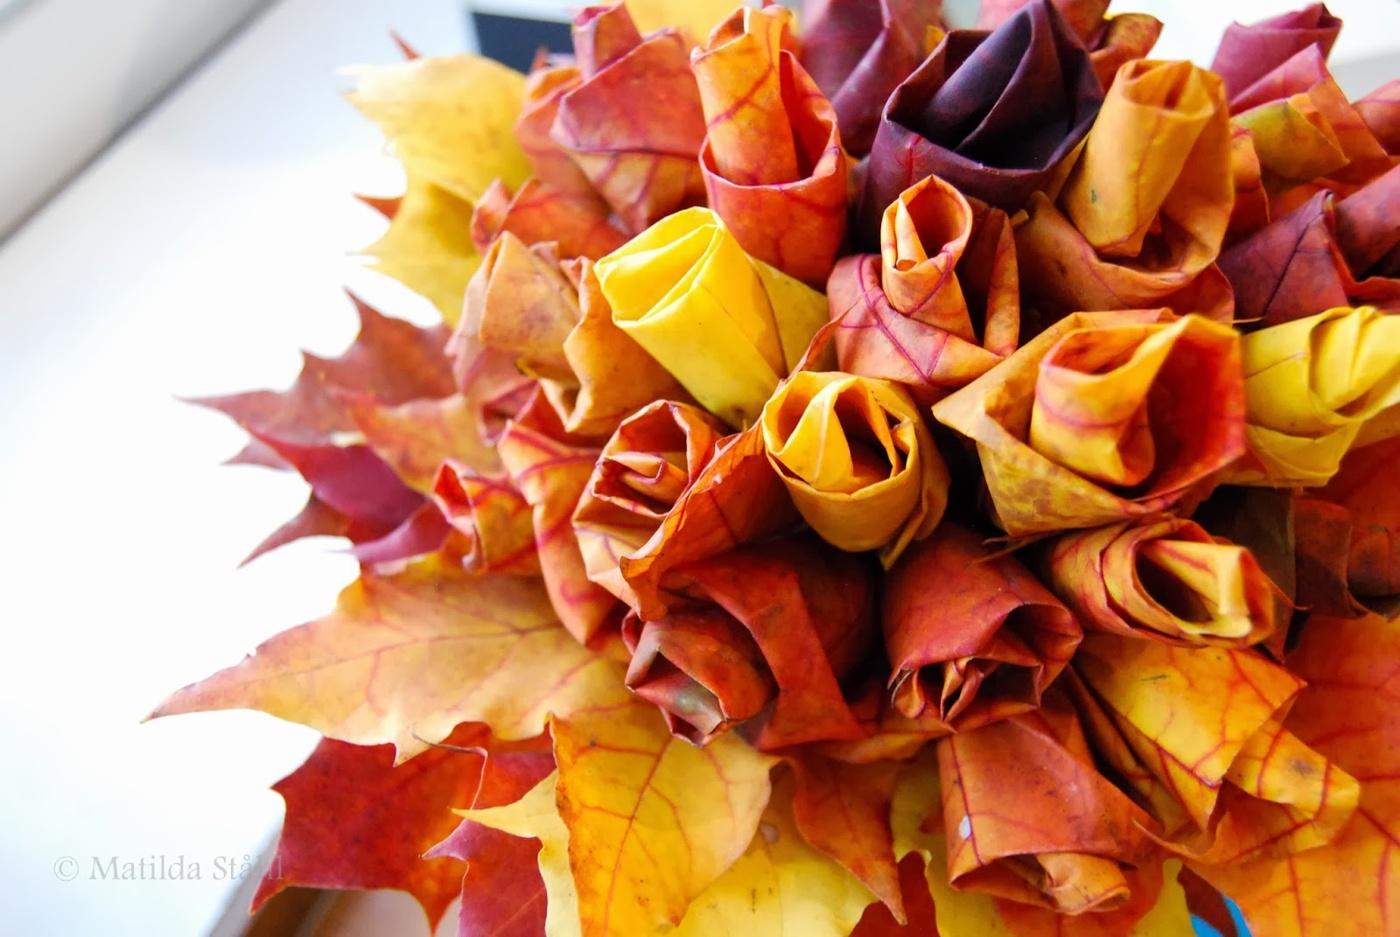 dfc7555657be Brudbukett av höstlöv | EcoBride - Inspiration för ekologiska bröllop